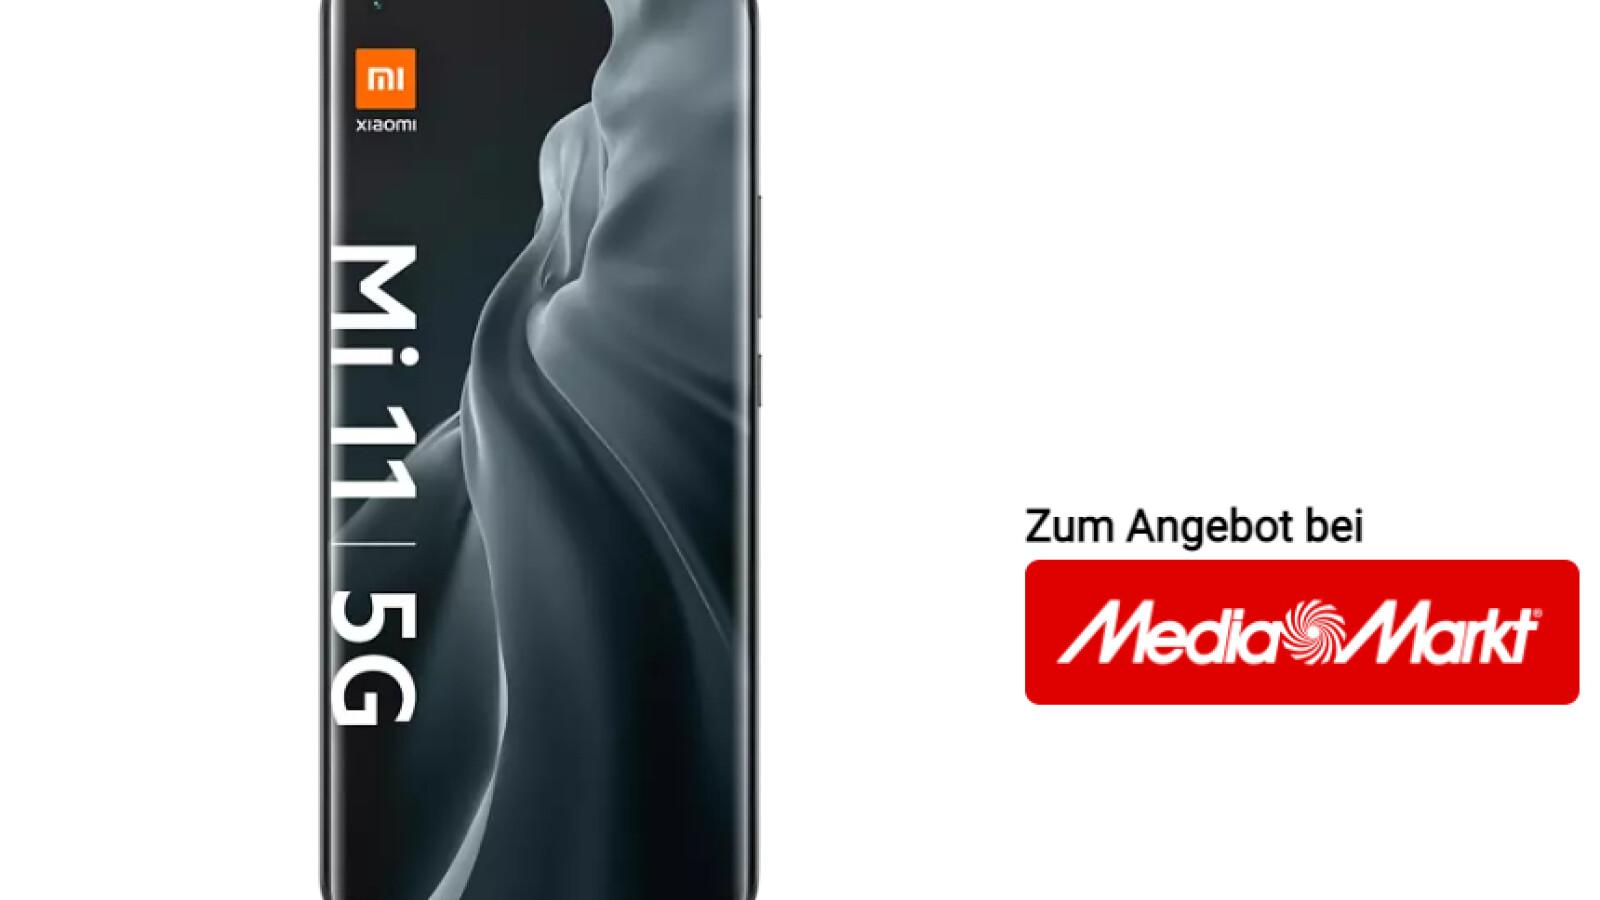 Xiaomi Mi 11 kaufen: Bei Media Markt und Saturn gibt es 3 statt 2 Prämien - NETZWELT